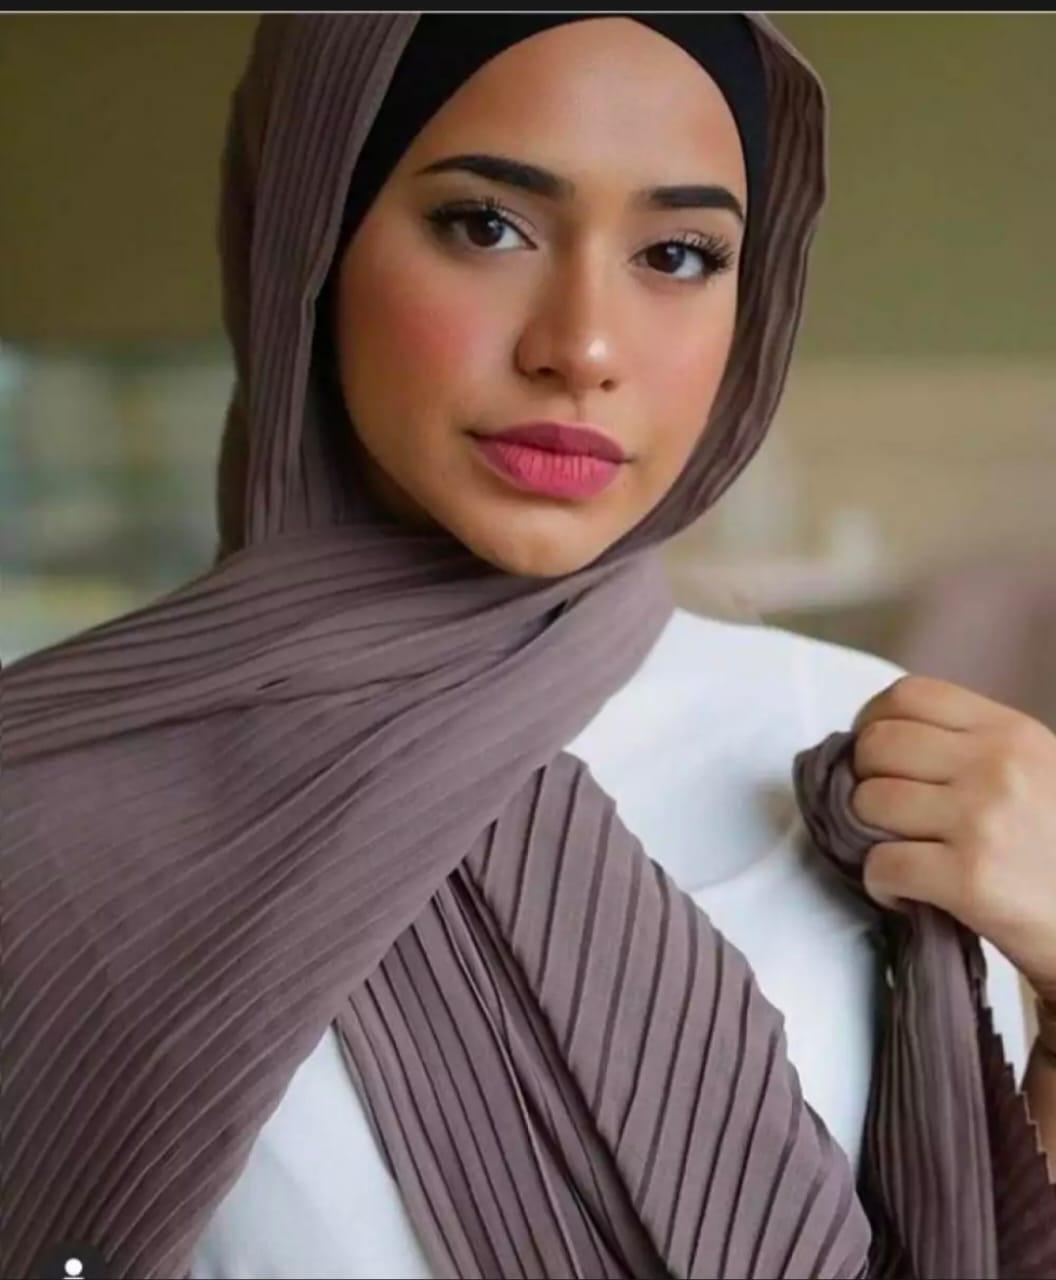 Jilbab Pashmina PLISKET Diamond Crepe - Kerudung Pasmina Diamon Italiano Prisket / Pleated Shawl